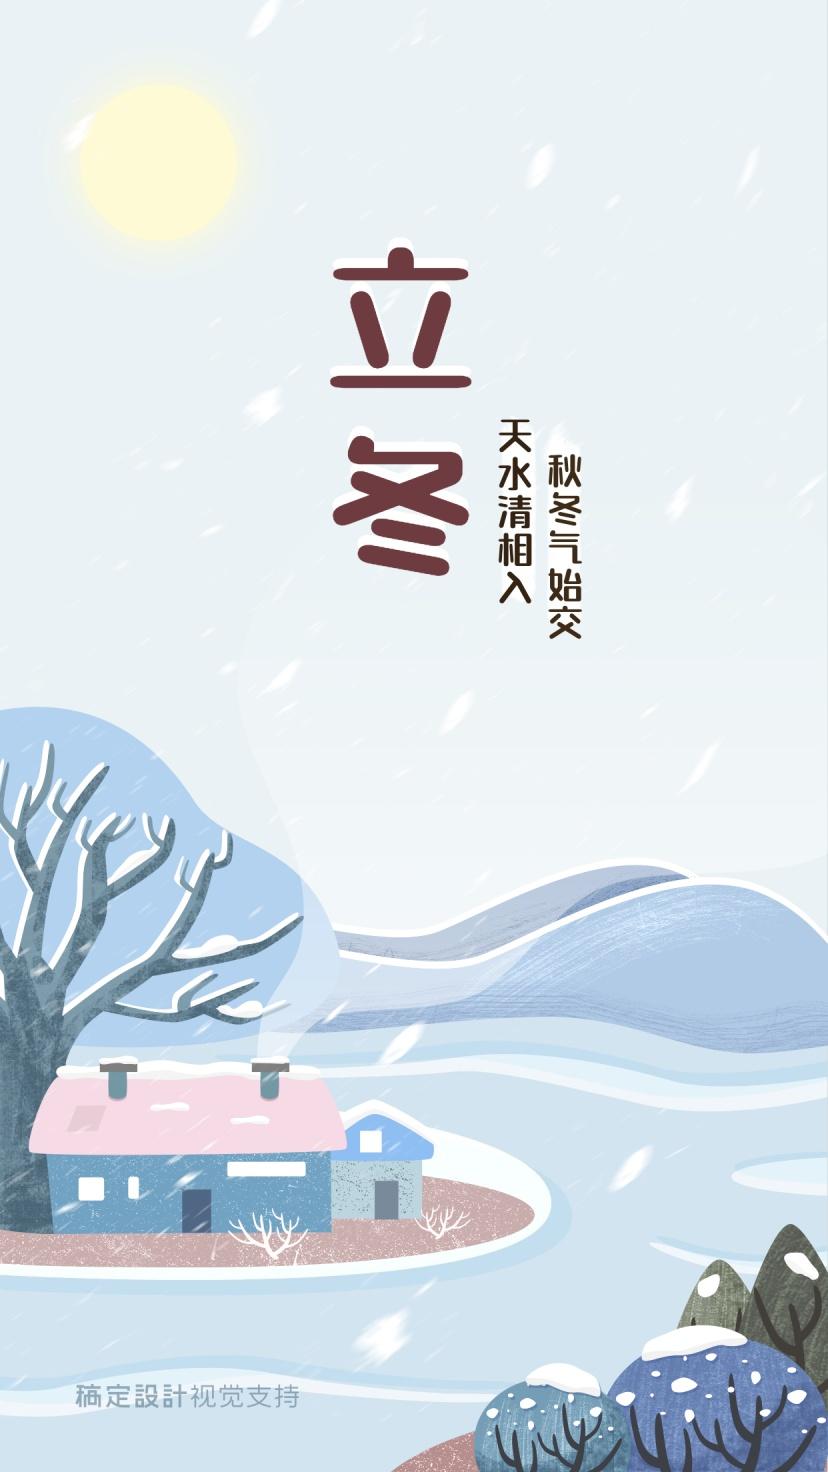 立冬/插画/节日节气